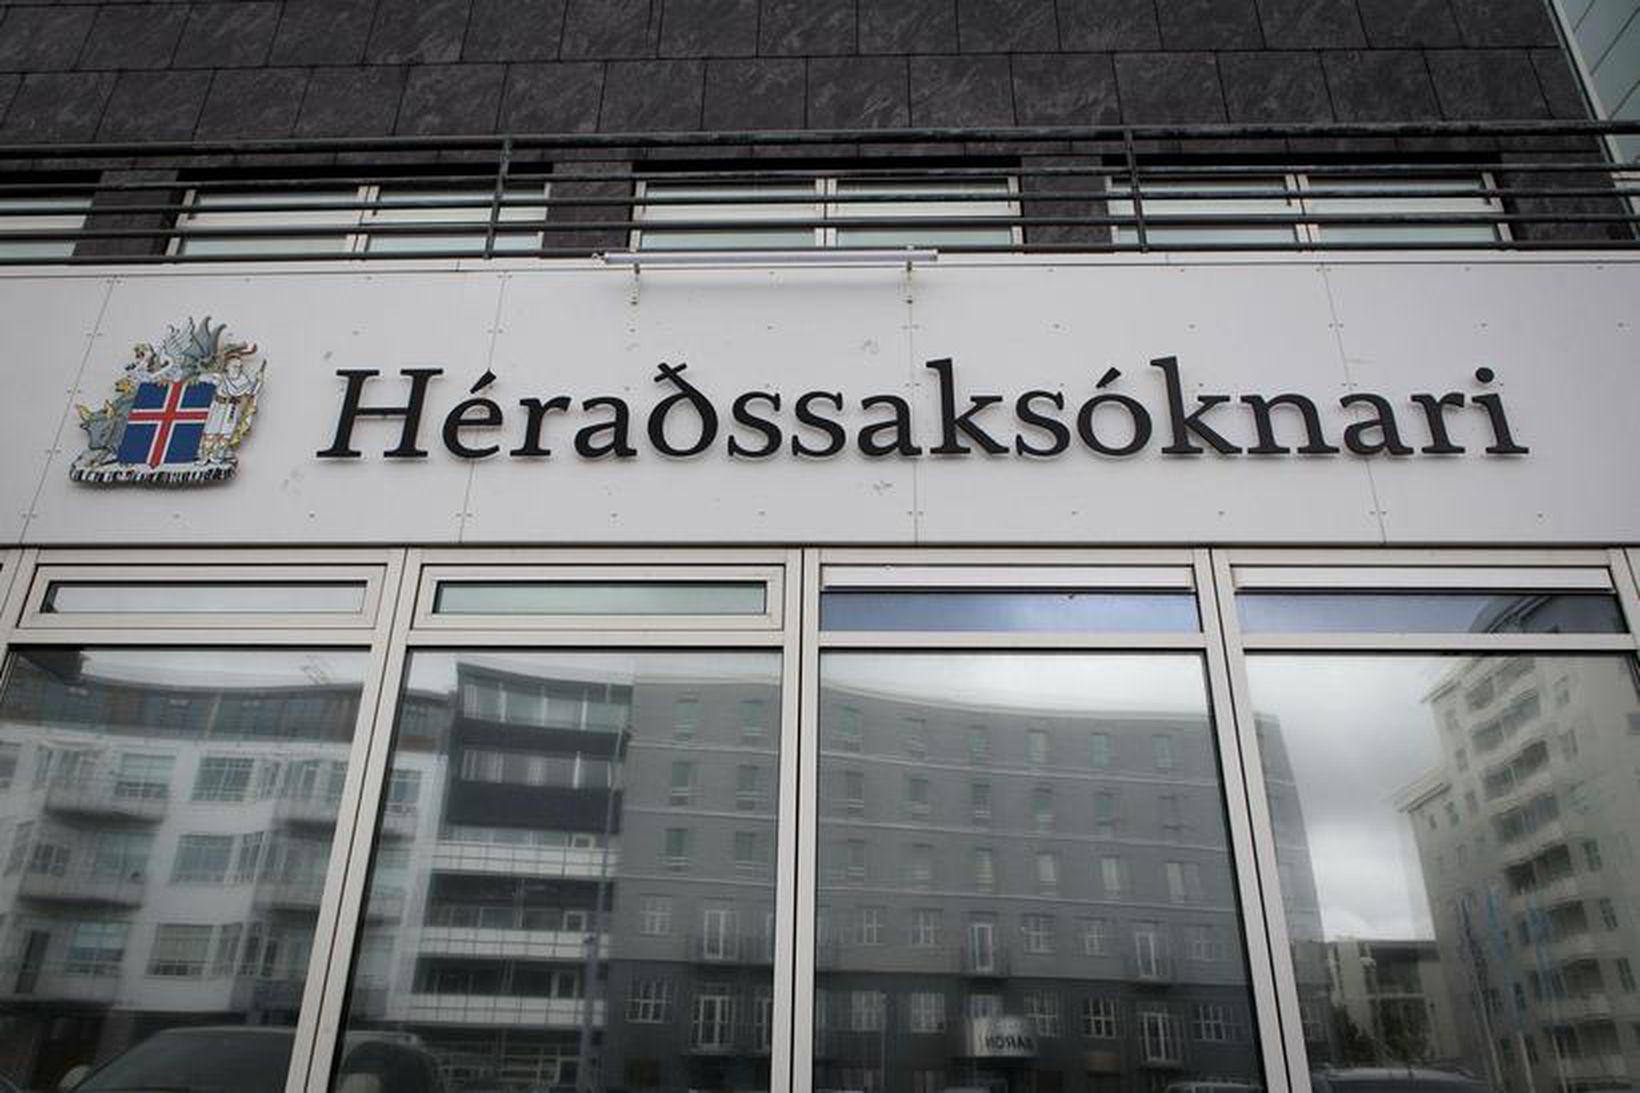 Húsnæði héraðssaksóknara.